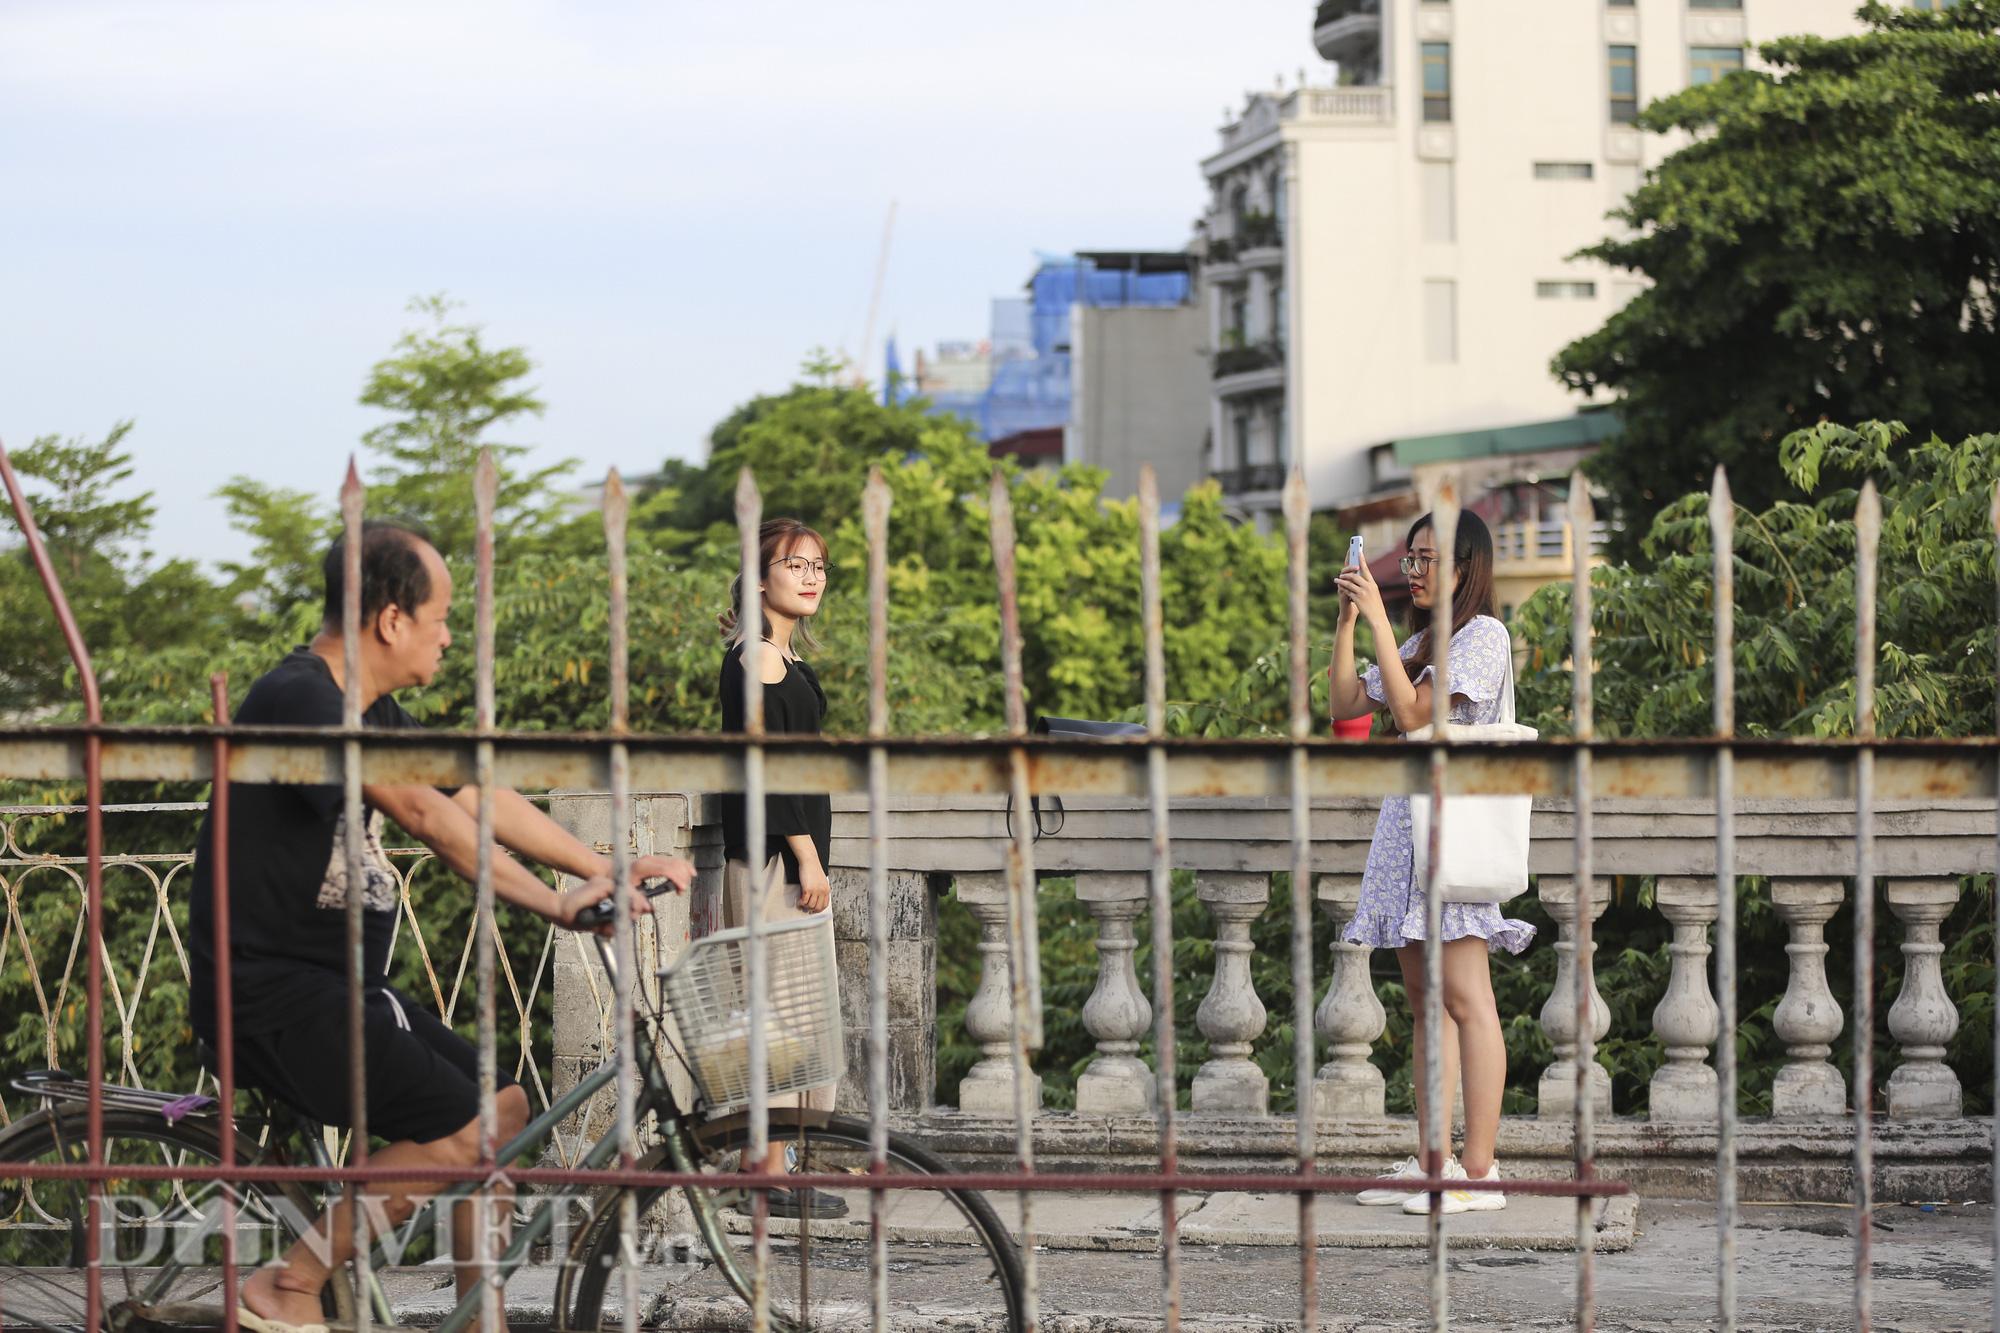 Mặc biển cấm, người dân vẫn vô tư đi bộ trên cầu Long Biên - Ảnh 10.